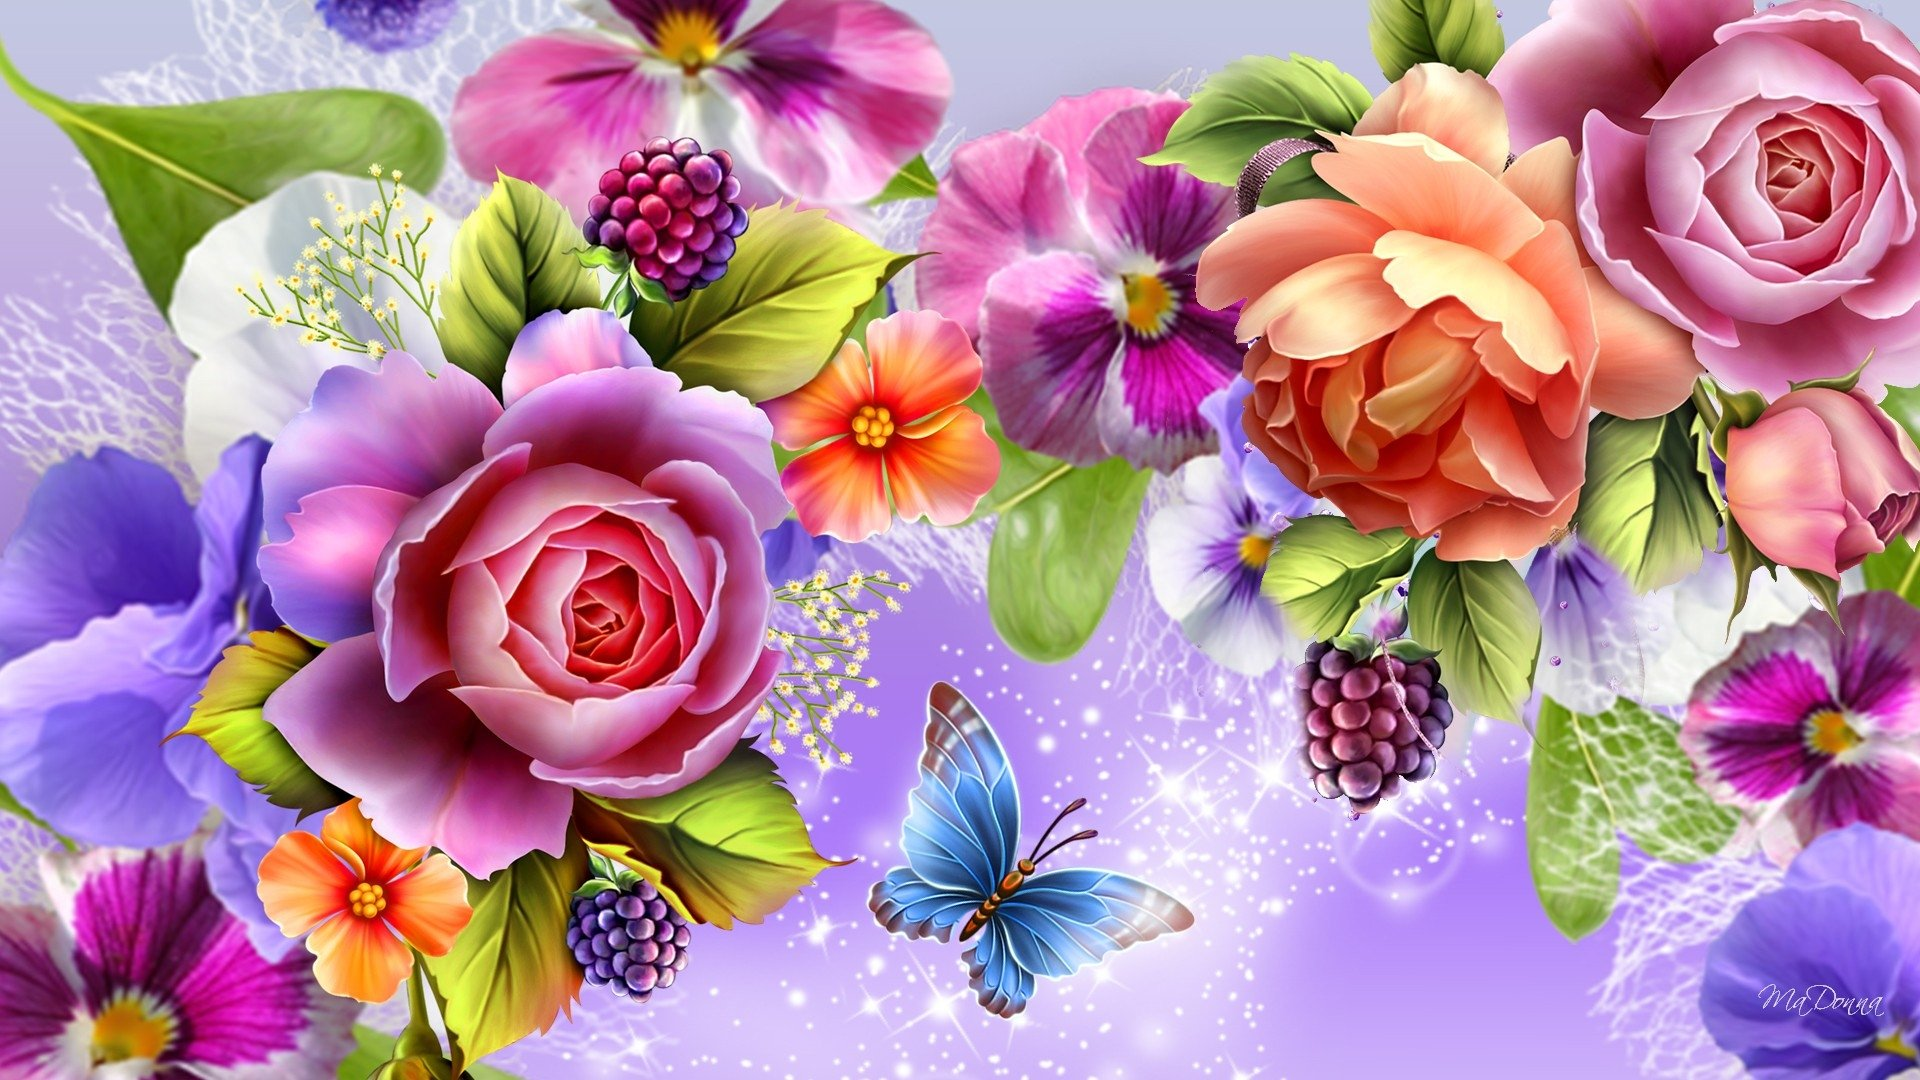 Wallpapers papillon hd le color de fleur x fonds d cran photo 1366x768 - Artistique Fleur Belle Sparkles Papillon Colorful Couleurs Artistique Fond D Cran